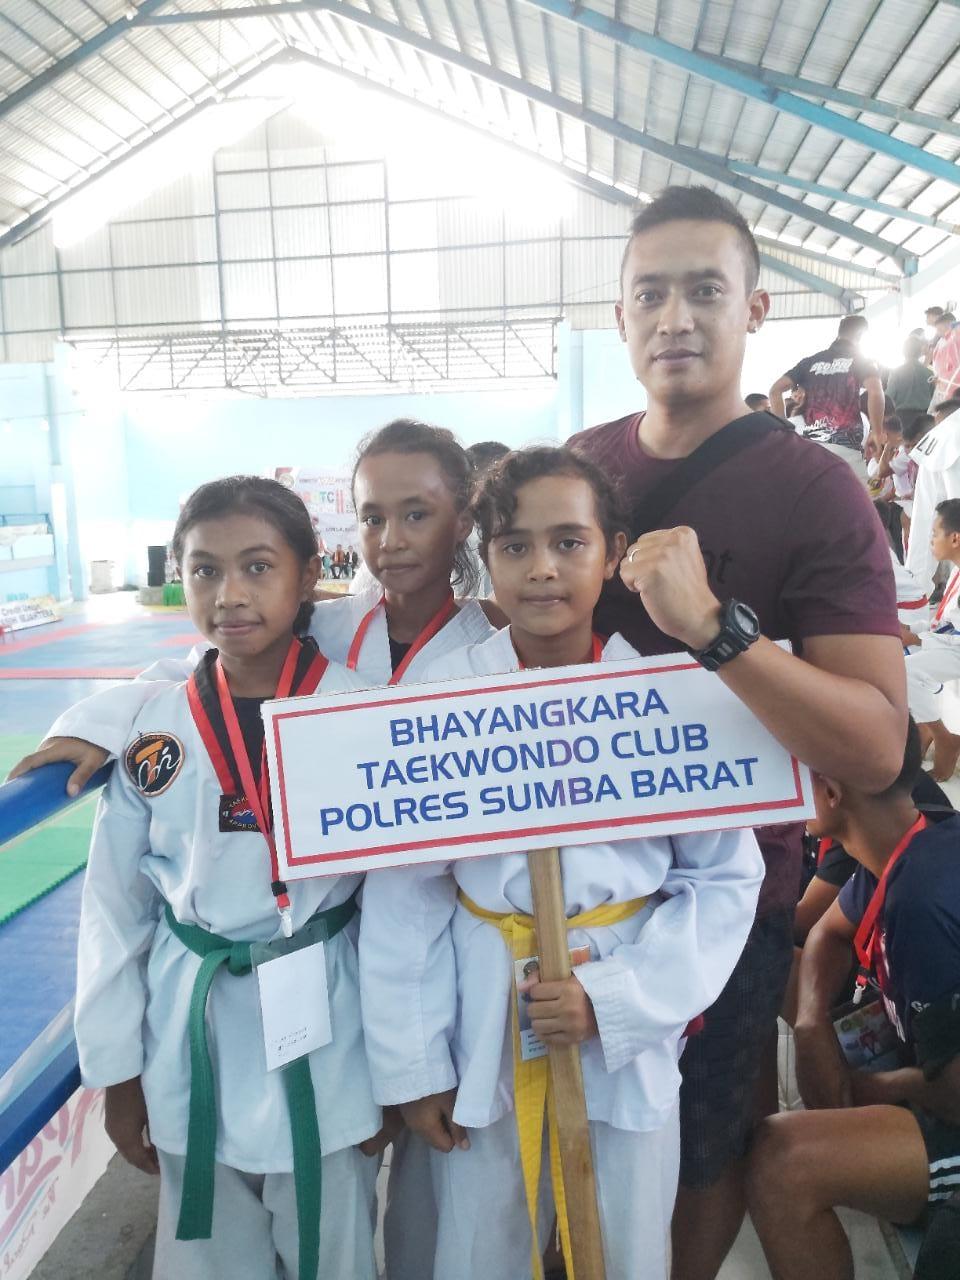 Di Hari Ke - 2 Bhayangkara Taekwondo Club  Polres Sumba Barat Sudah Mengantongi 1 emas,3 perak dan 4 Perunggu